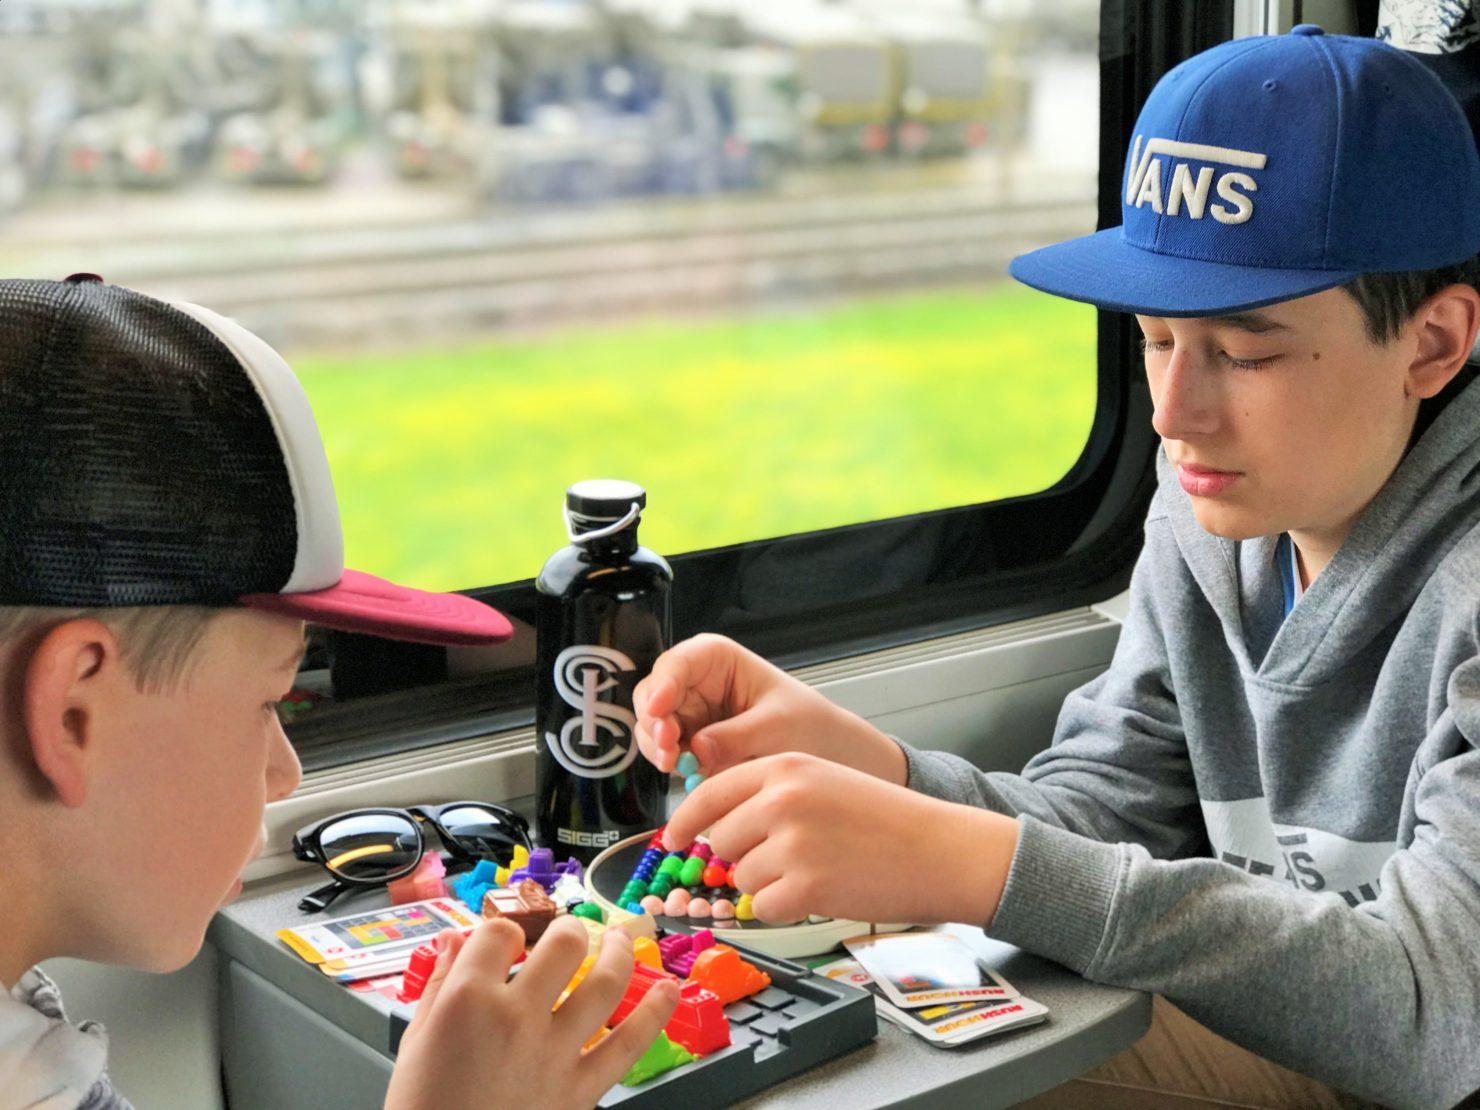 Familienferien mit dem Zug